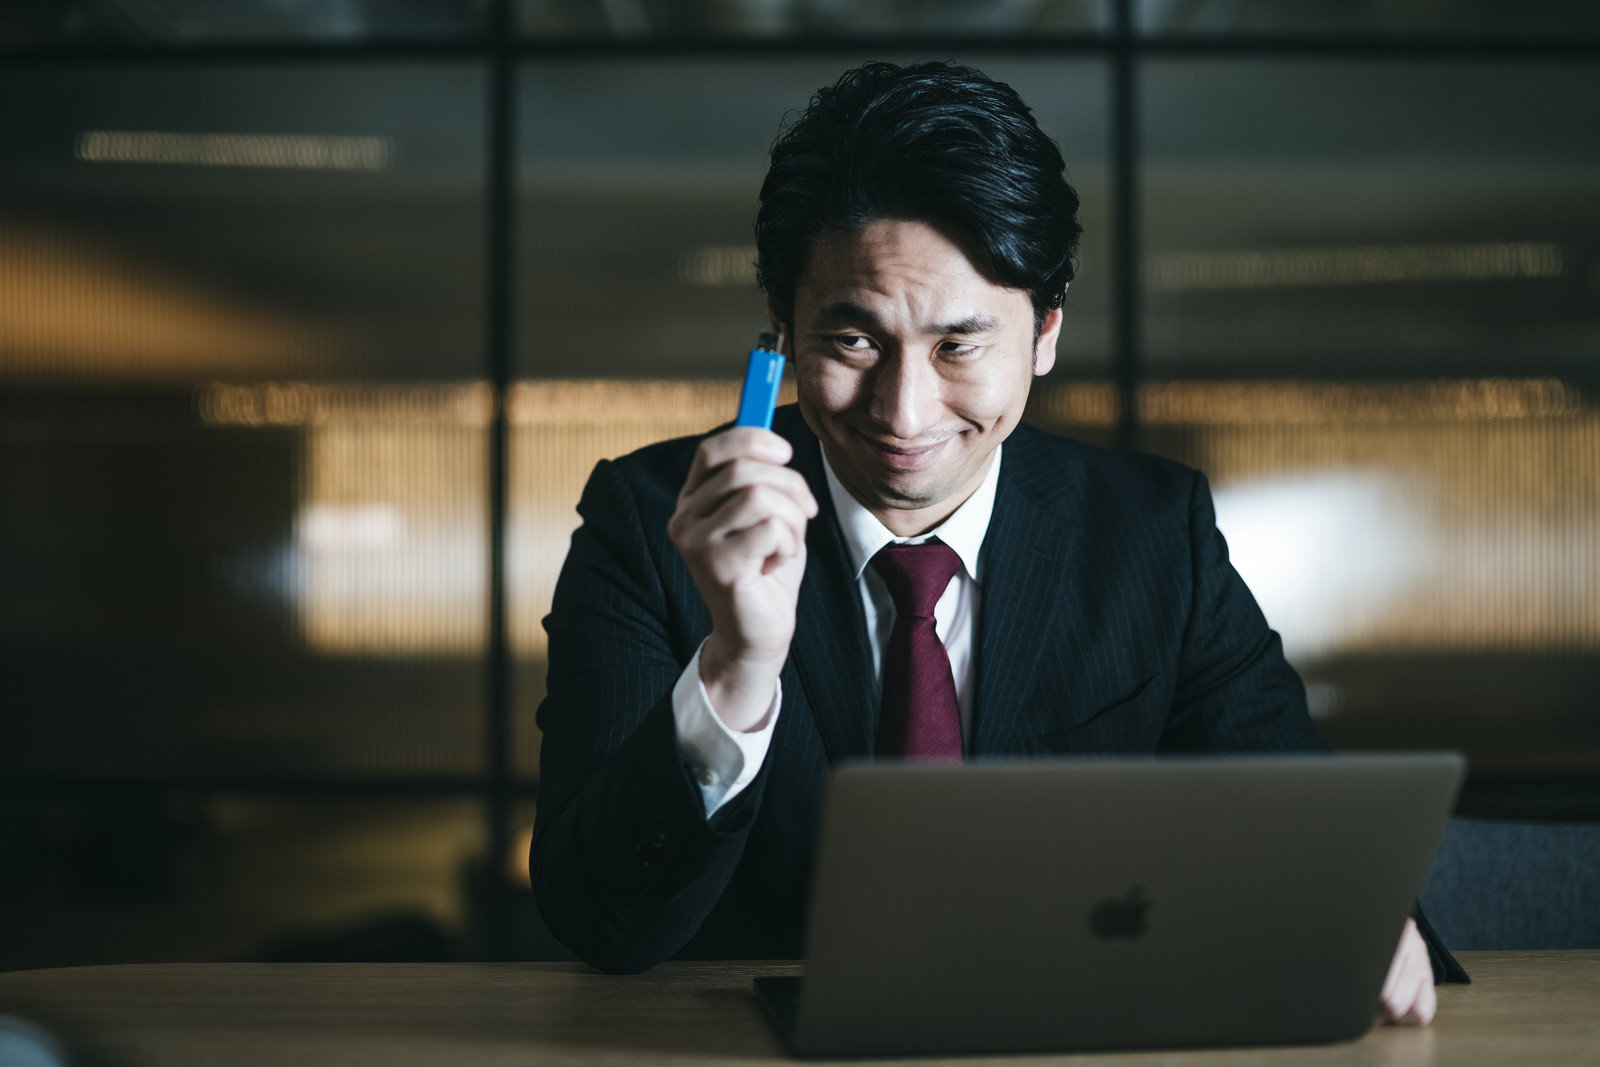 社外秘のデータを盗む会社員の写真